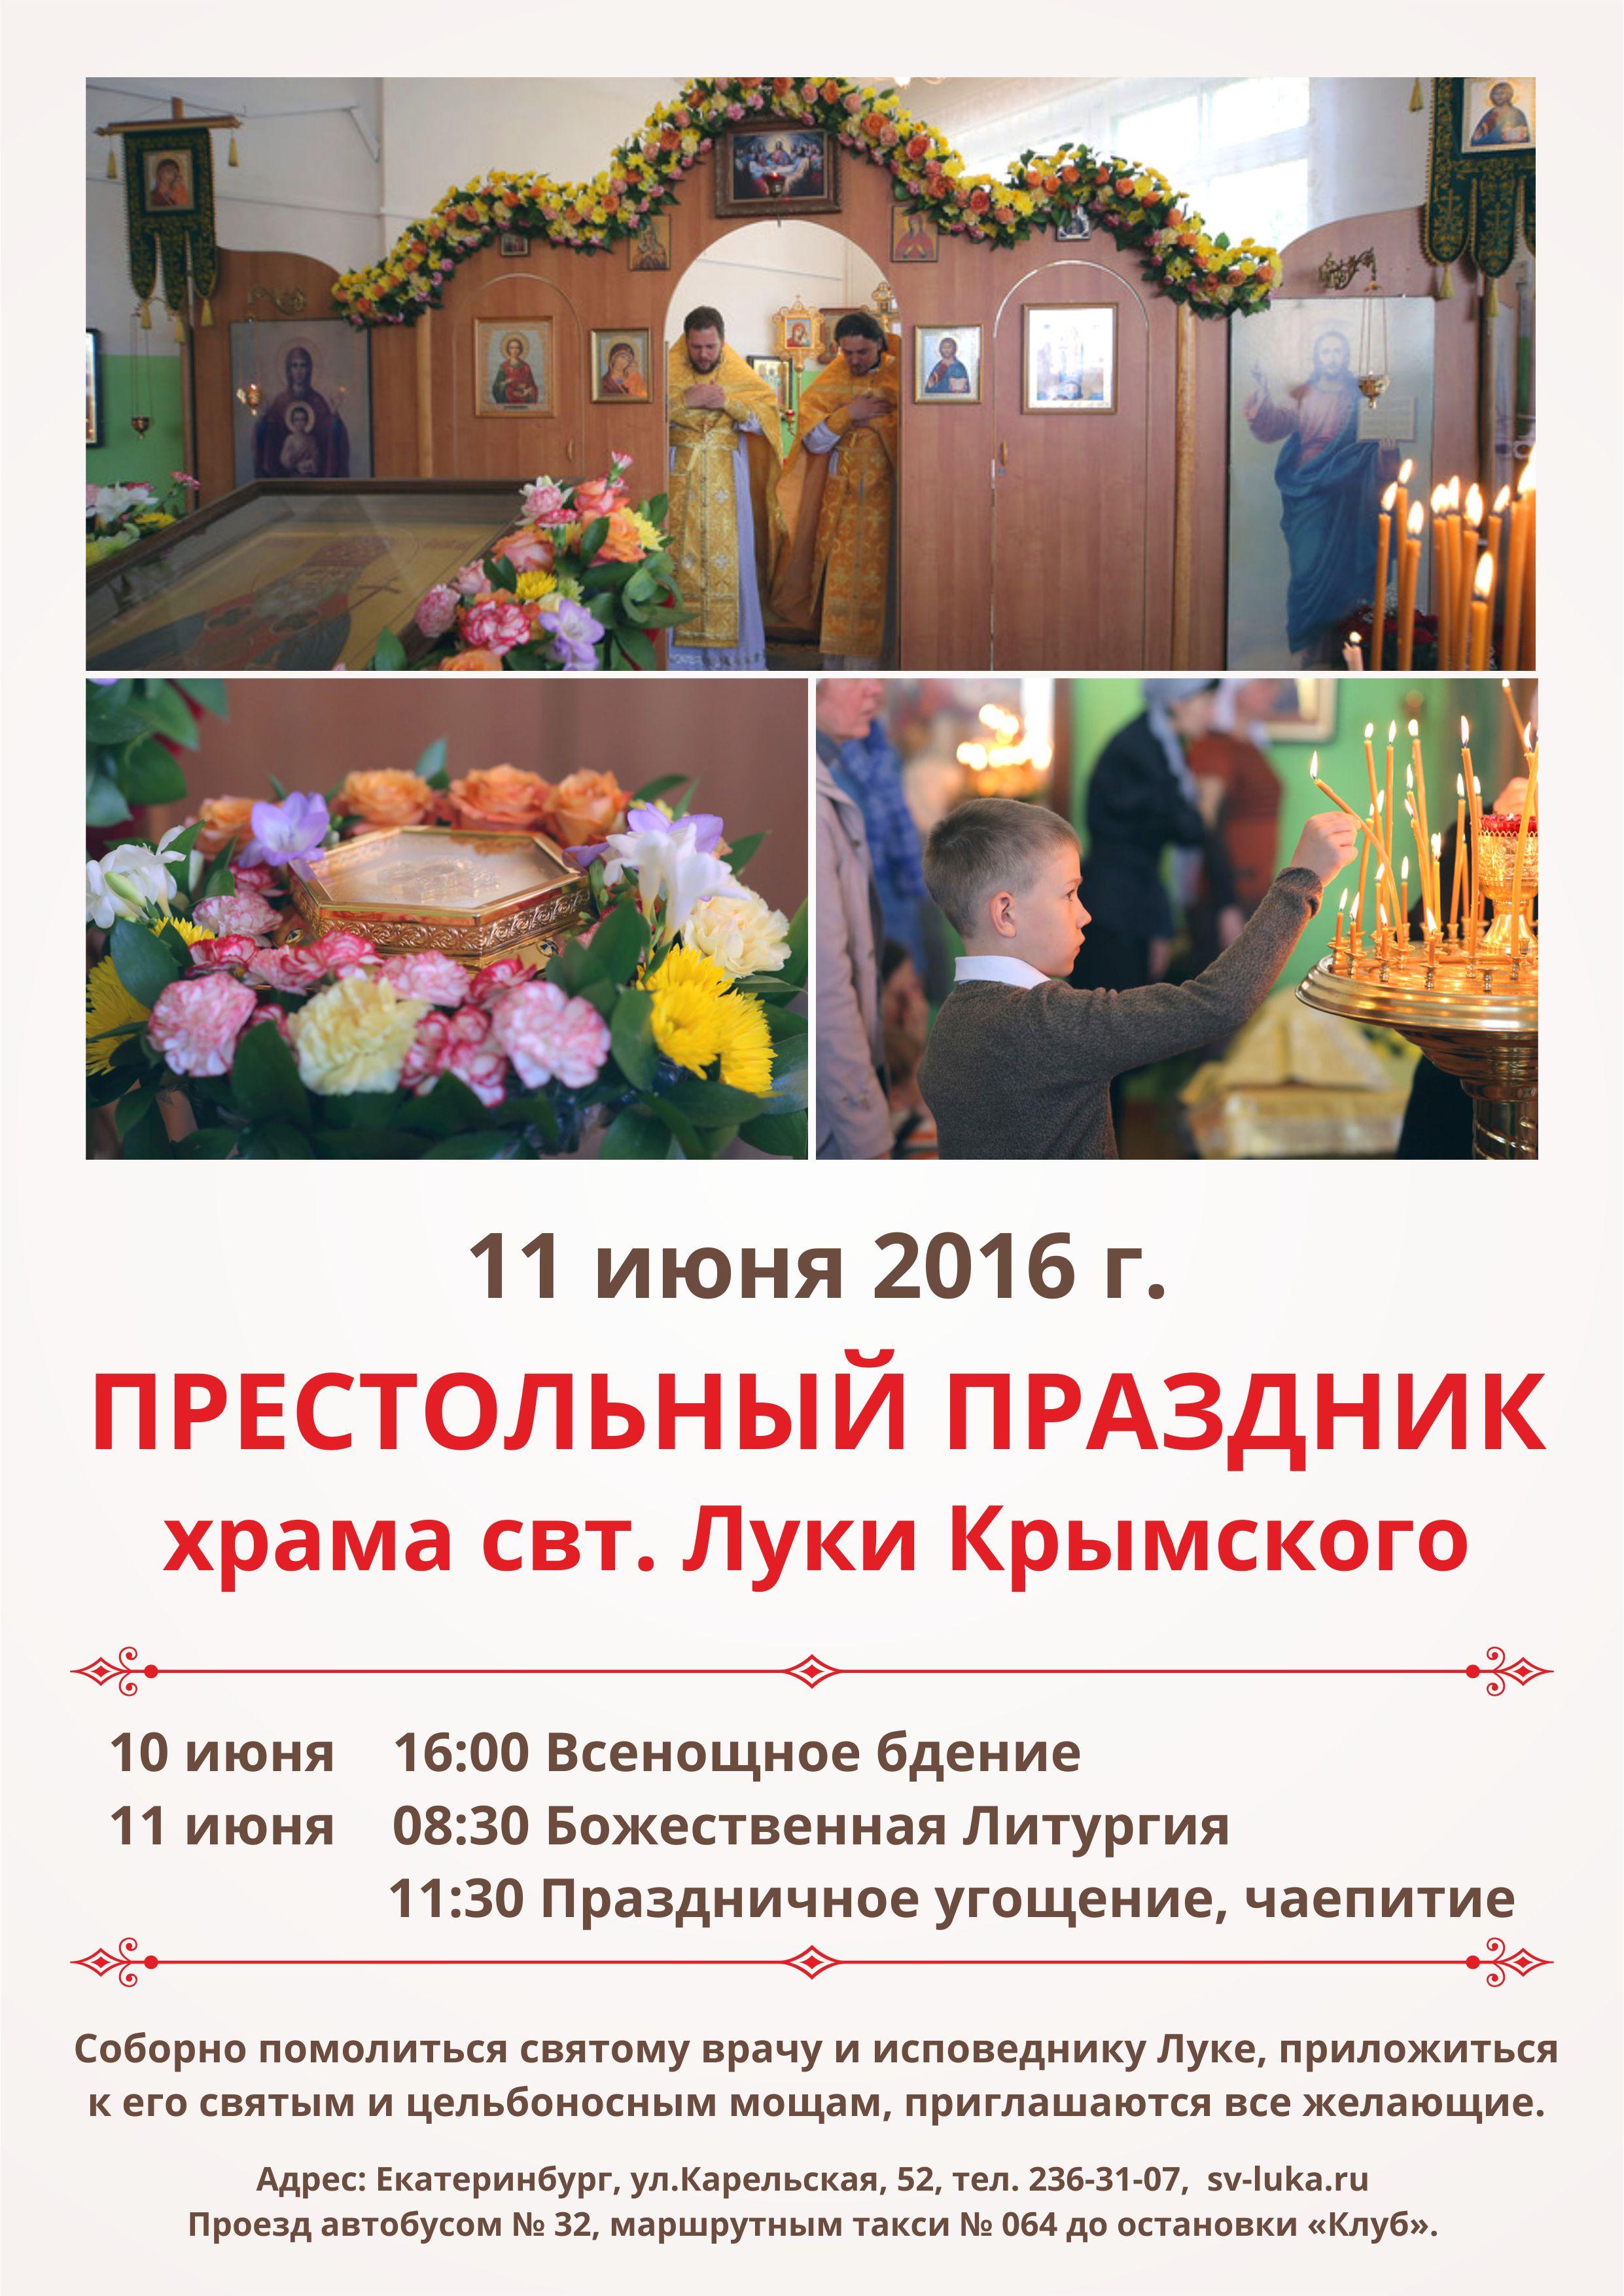 Престольный праздник 2016